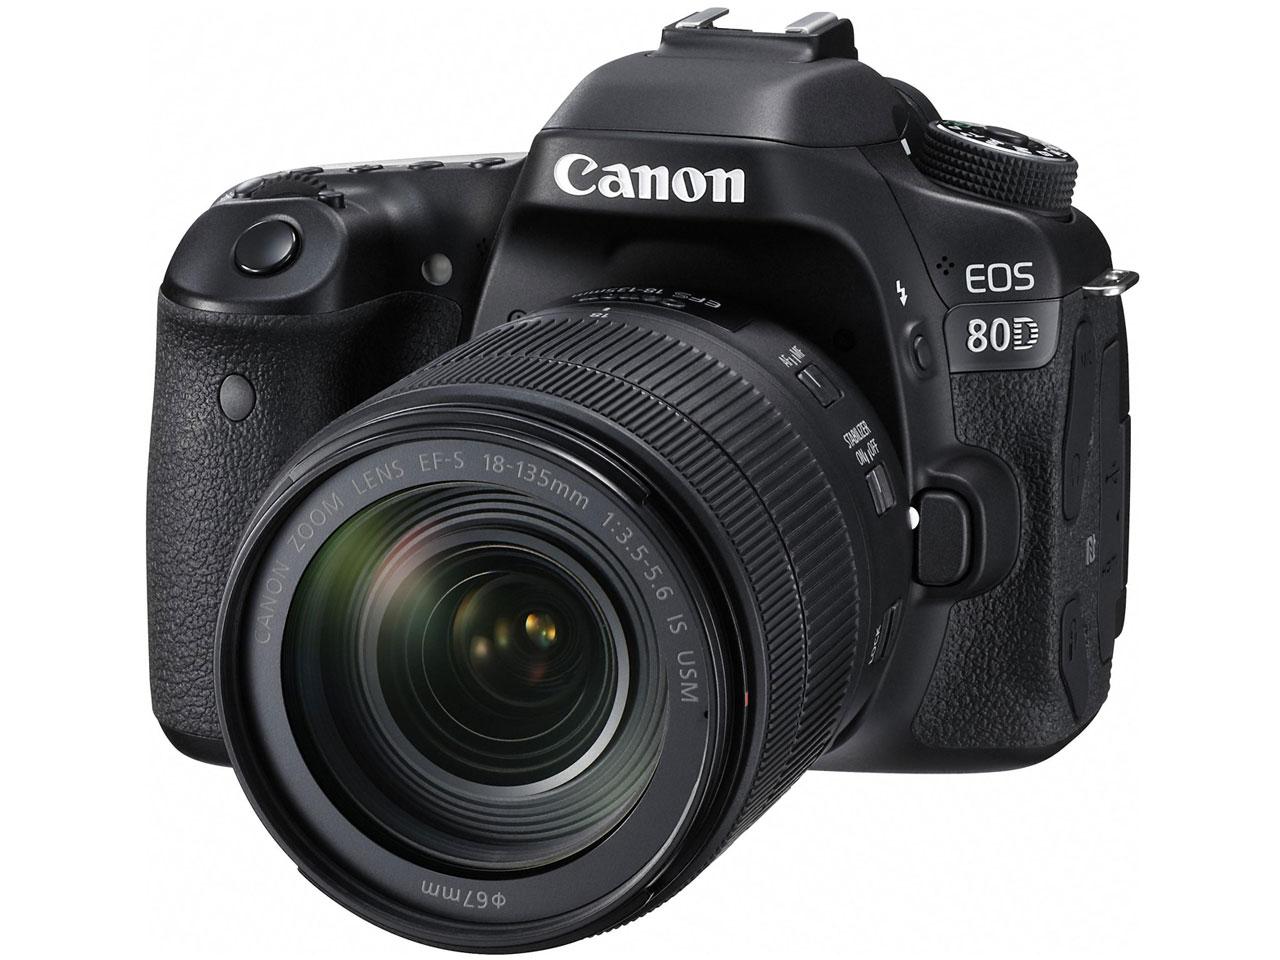 【新品・未使用】 CANON(キヤノン) EOS 80D EF-S18-135 IS USM レンズキット デジタル一眼カメラ 家電